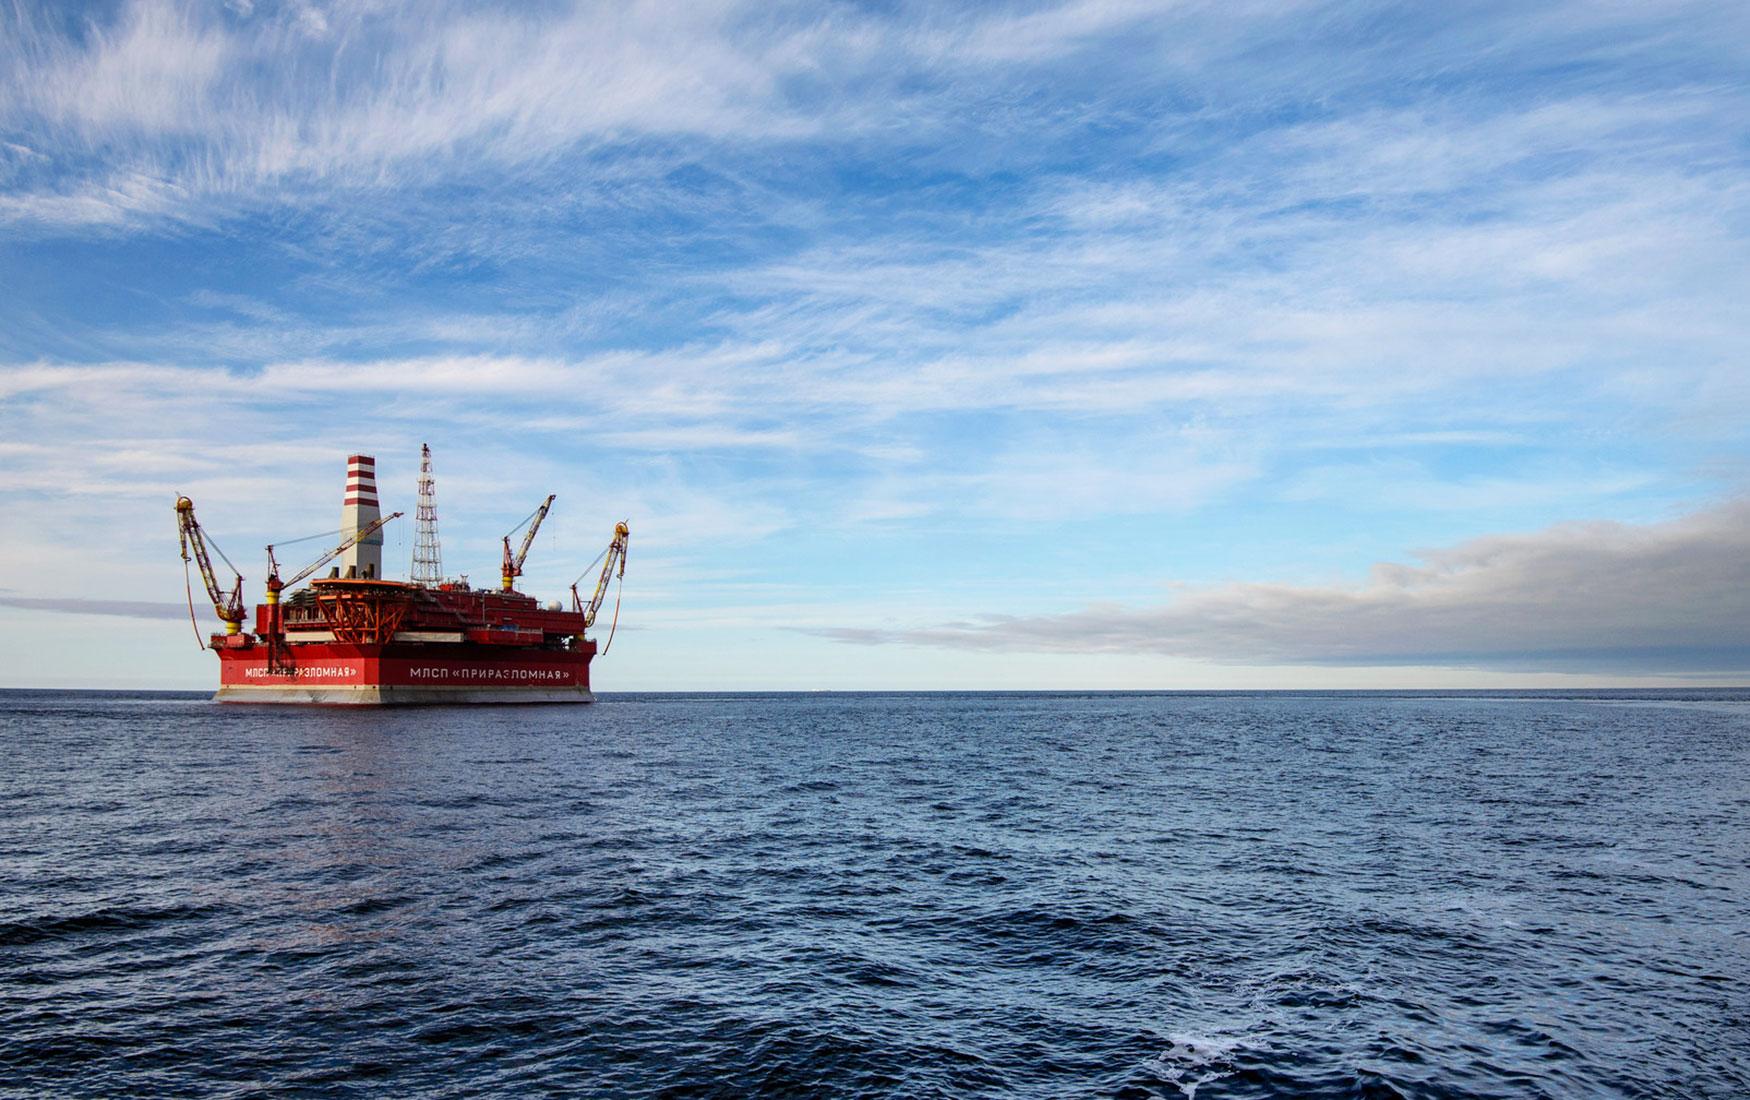 Нефть и политика: как Россия захватывала рынок черного золота при Путине